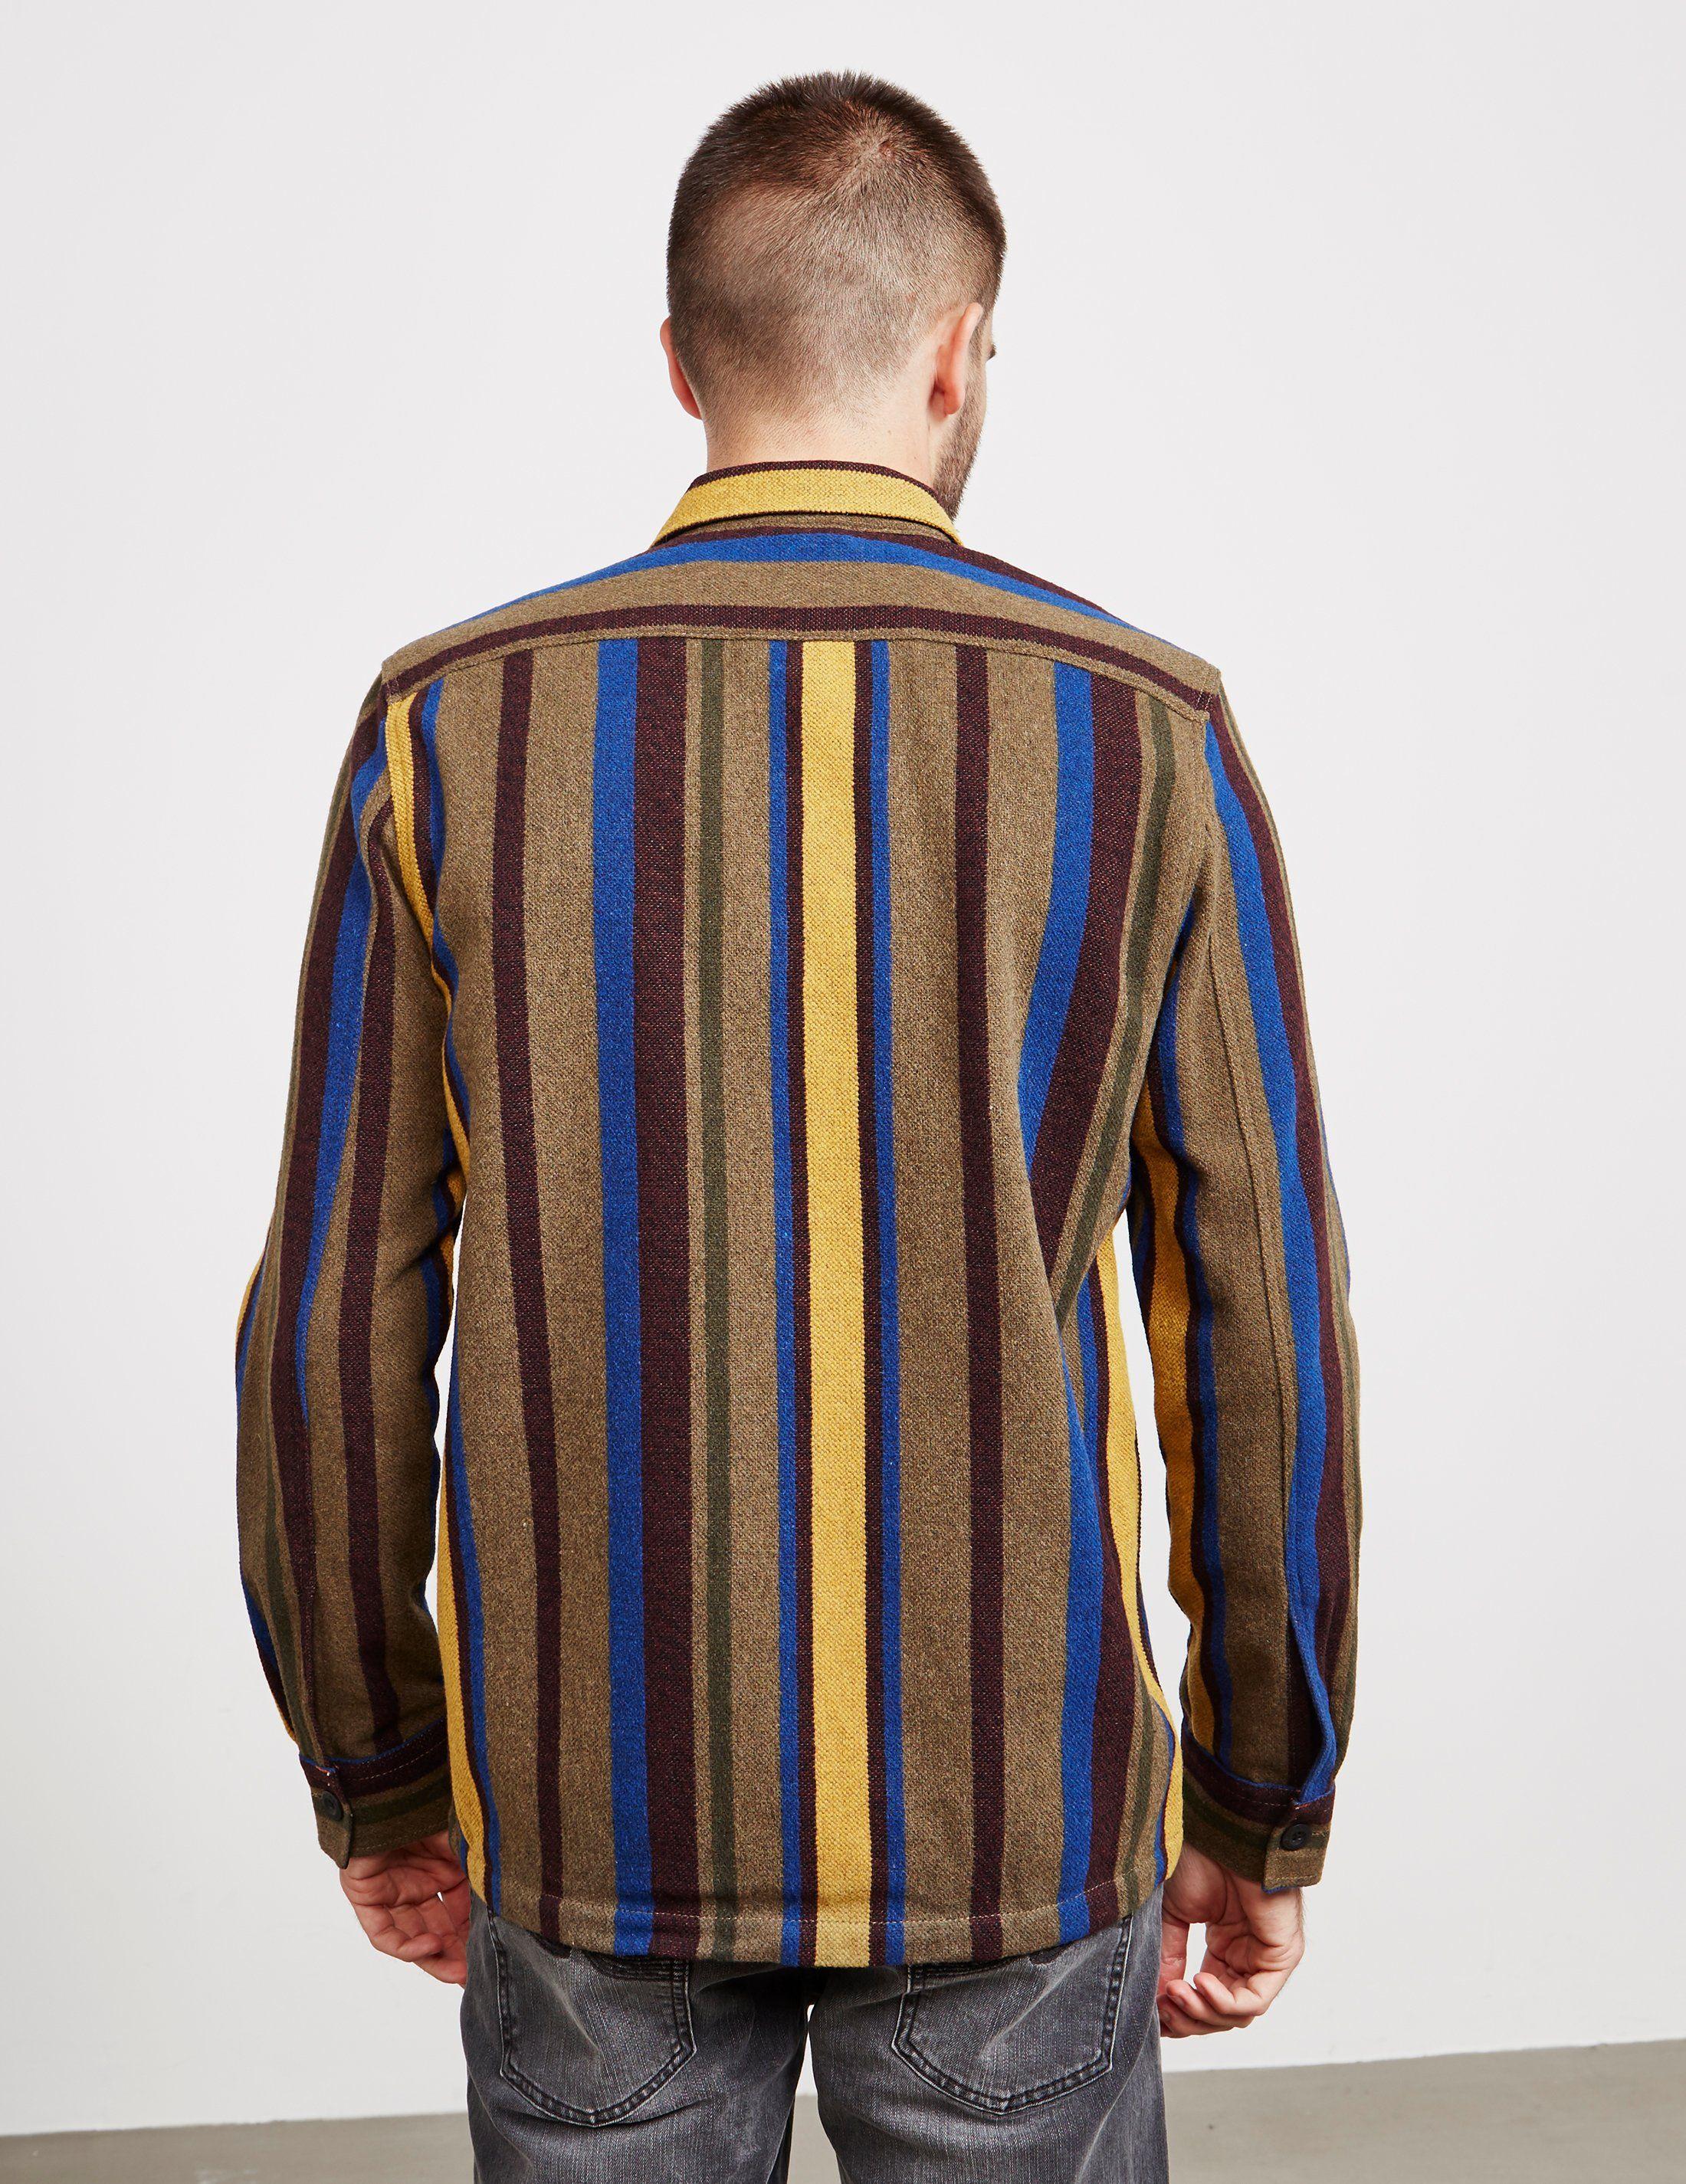 Nudie Jeans Stenwool Long Sleeve Shirt - Online Exclusive